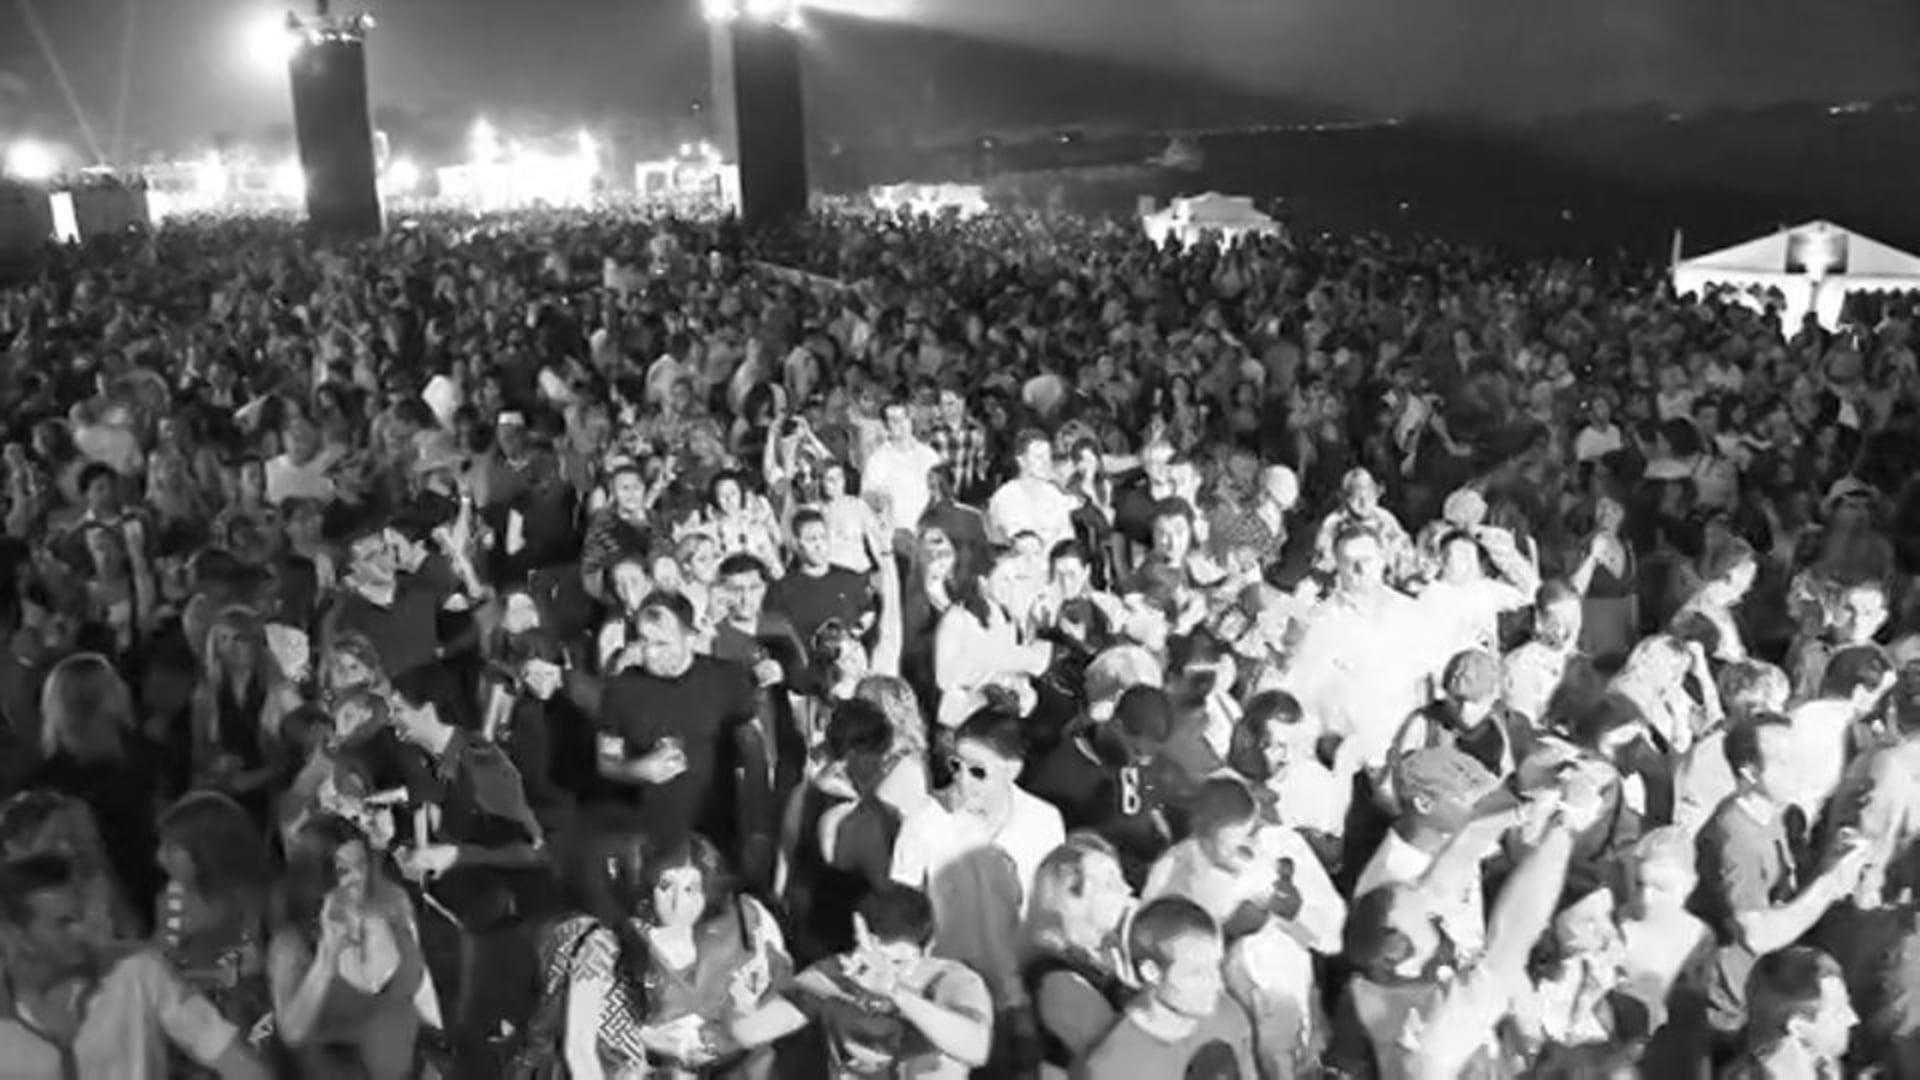 Faithless last international gig - Dubai